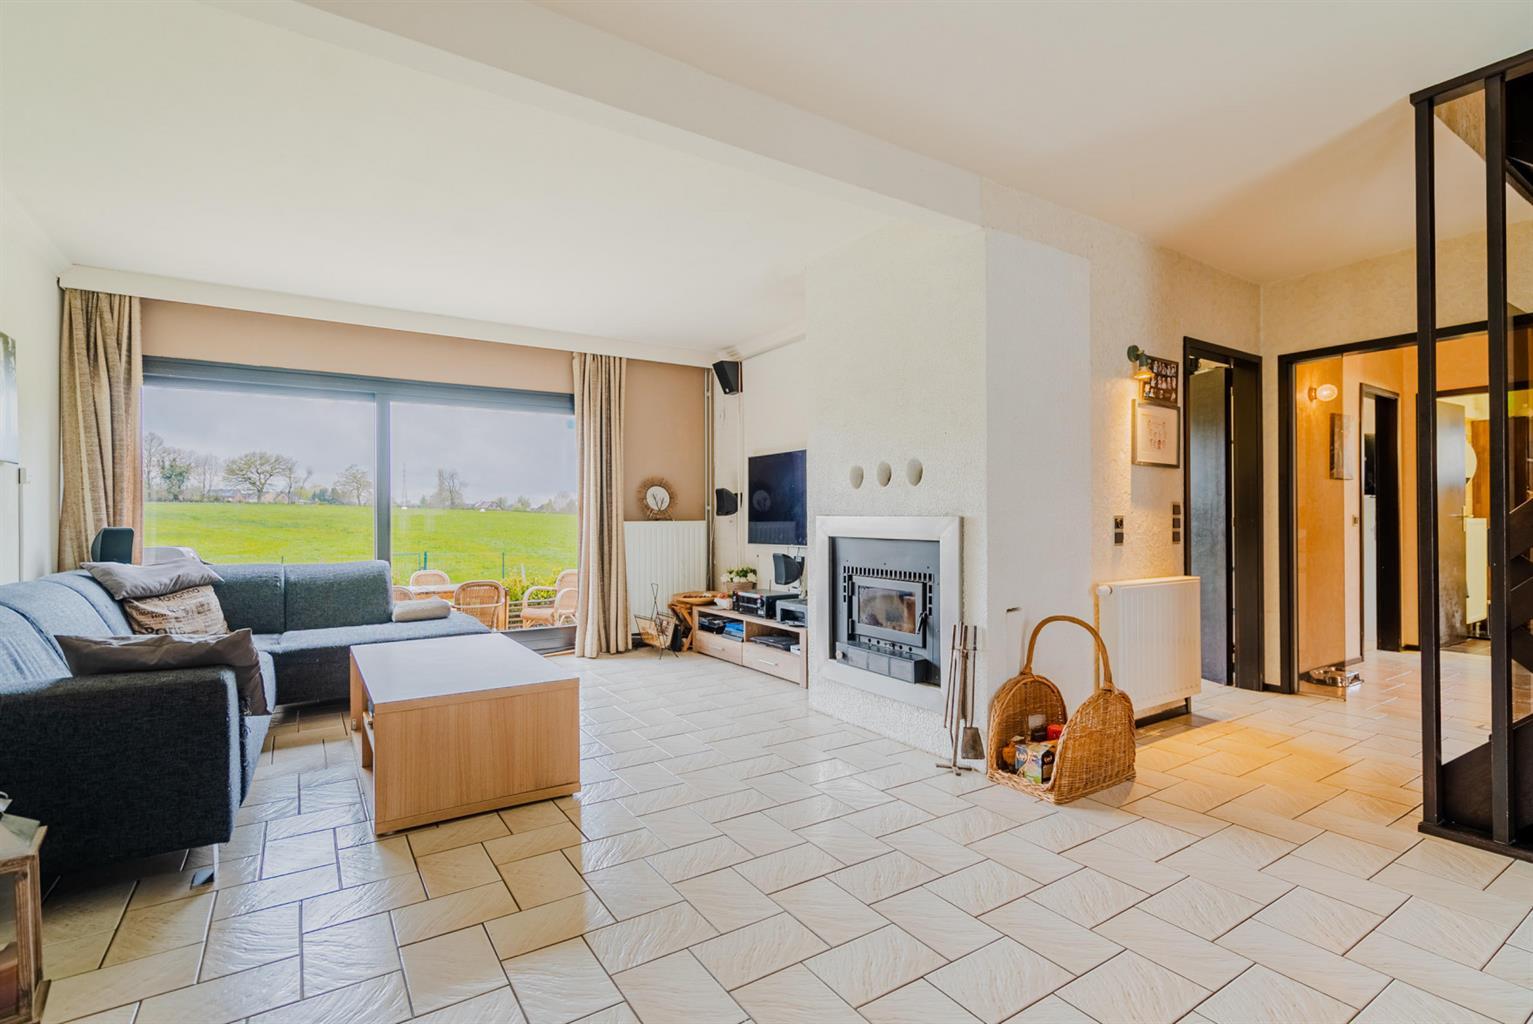 Villa - Beaufays - #4347488-4